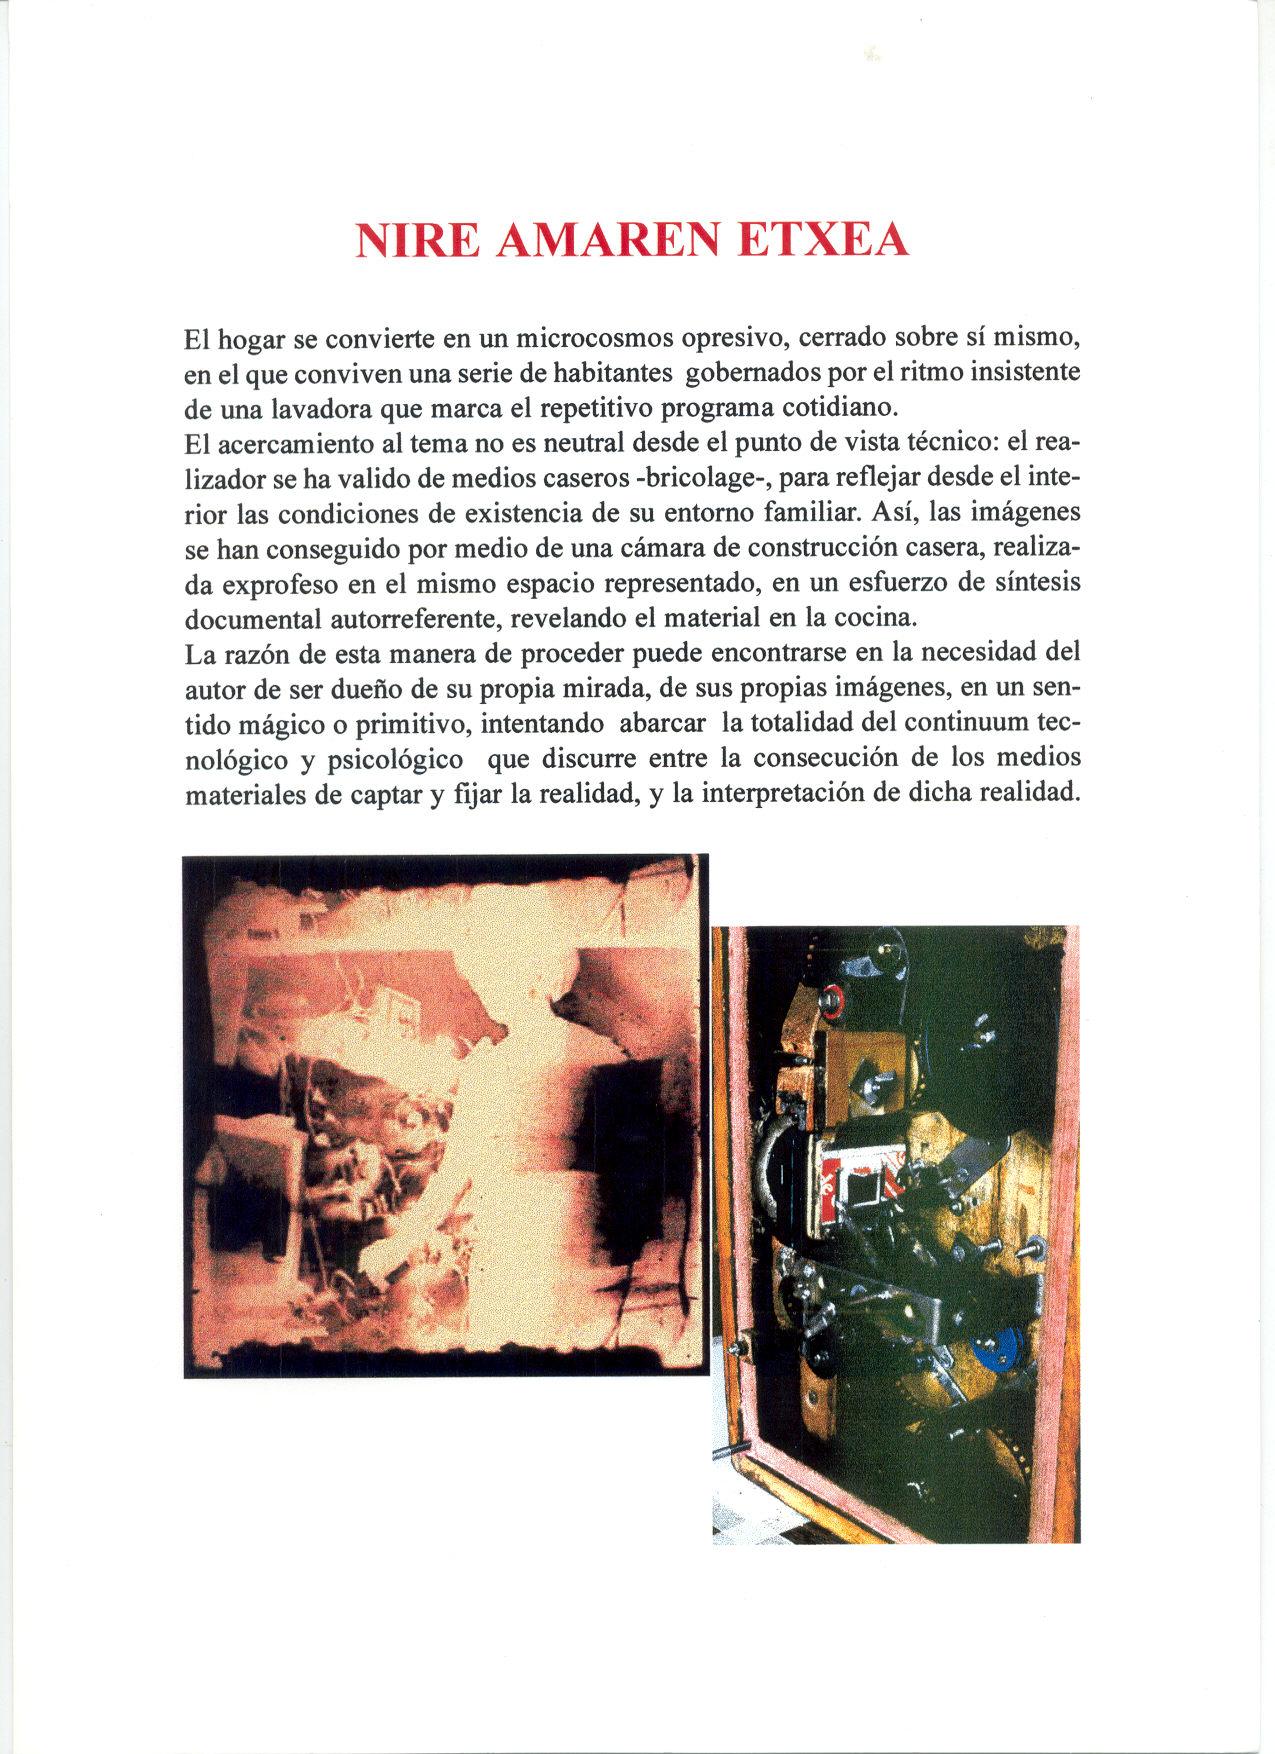 http://www.elpais.com/articulo/pais/vasco/NAVARRA/bilbaino/Augusto/Zubiaga/gana/octavo/concurso/videocreacion/Navarra/elpepiautpvs/20001125elpvas_25/Tes El bilbaíno Augusto Zubiaga gana el octavo concurso de videocreación de Navarra MIKEL MUEZ – Pamplona – 25/11/2000 El vídeo titulado Nire amaren etxea, obra del bilbaino Augusto Zubiaga, […]